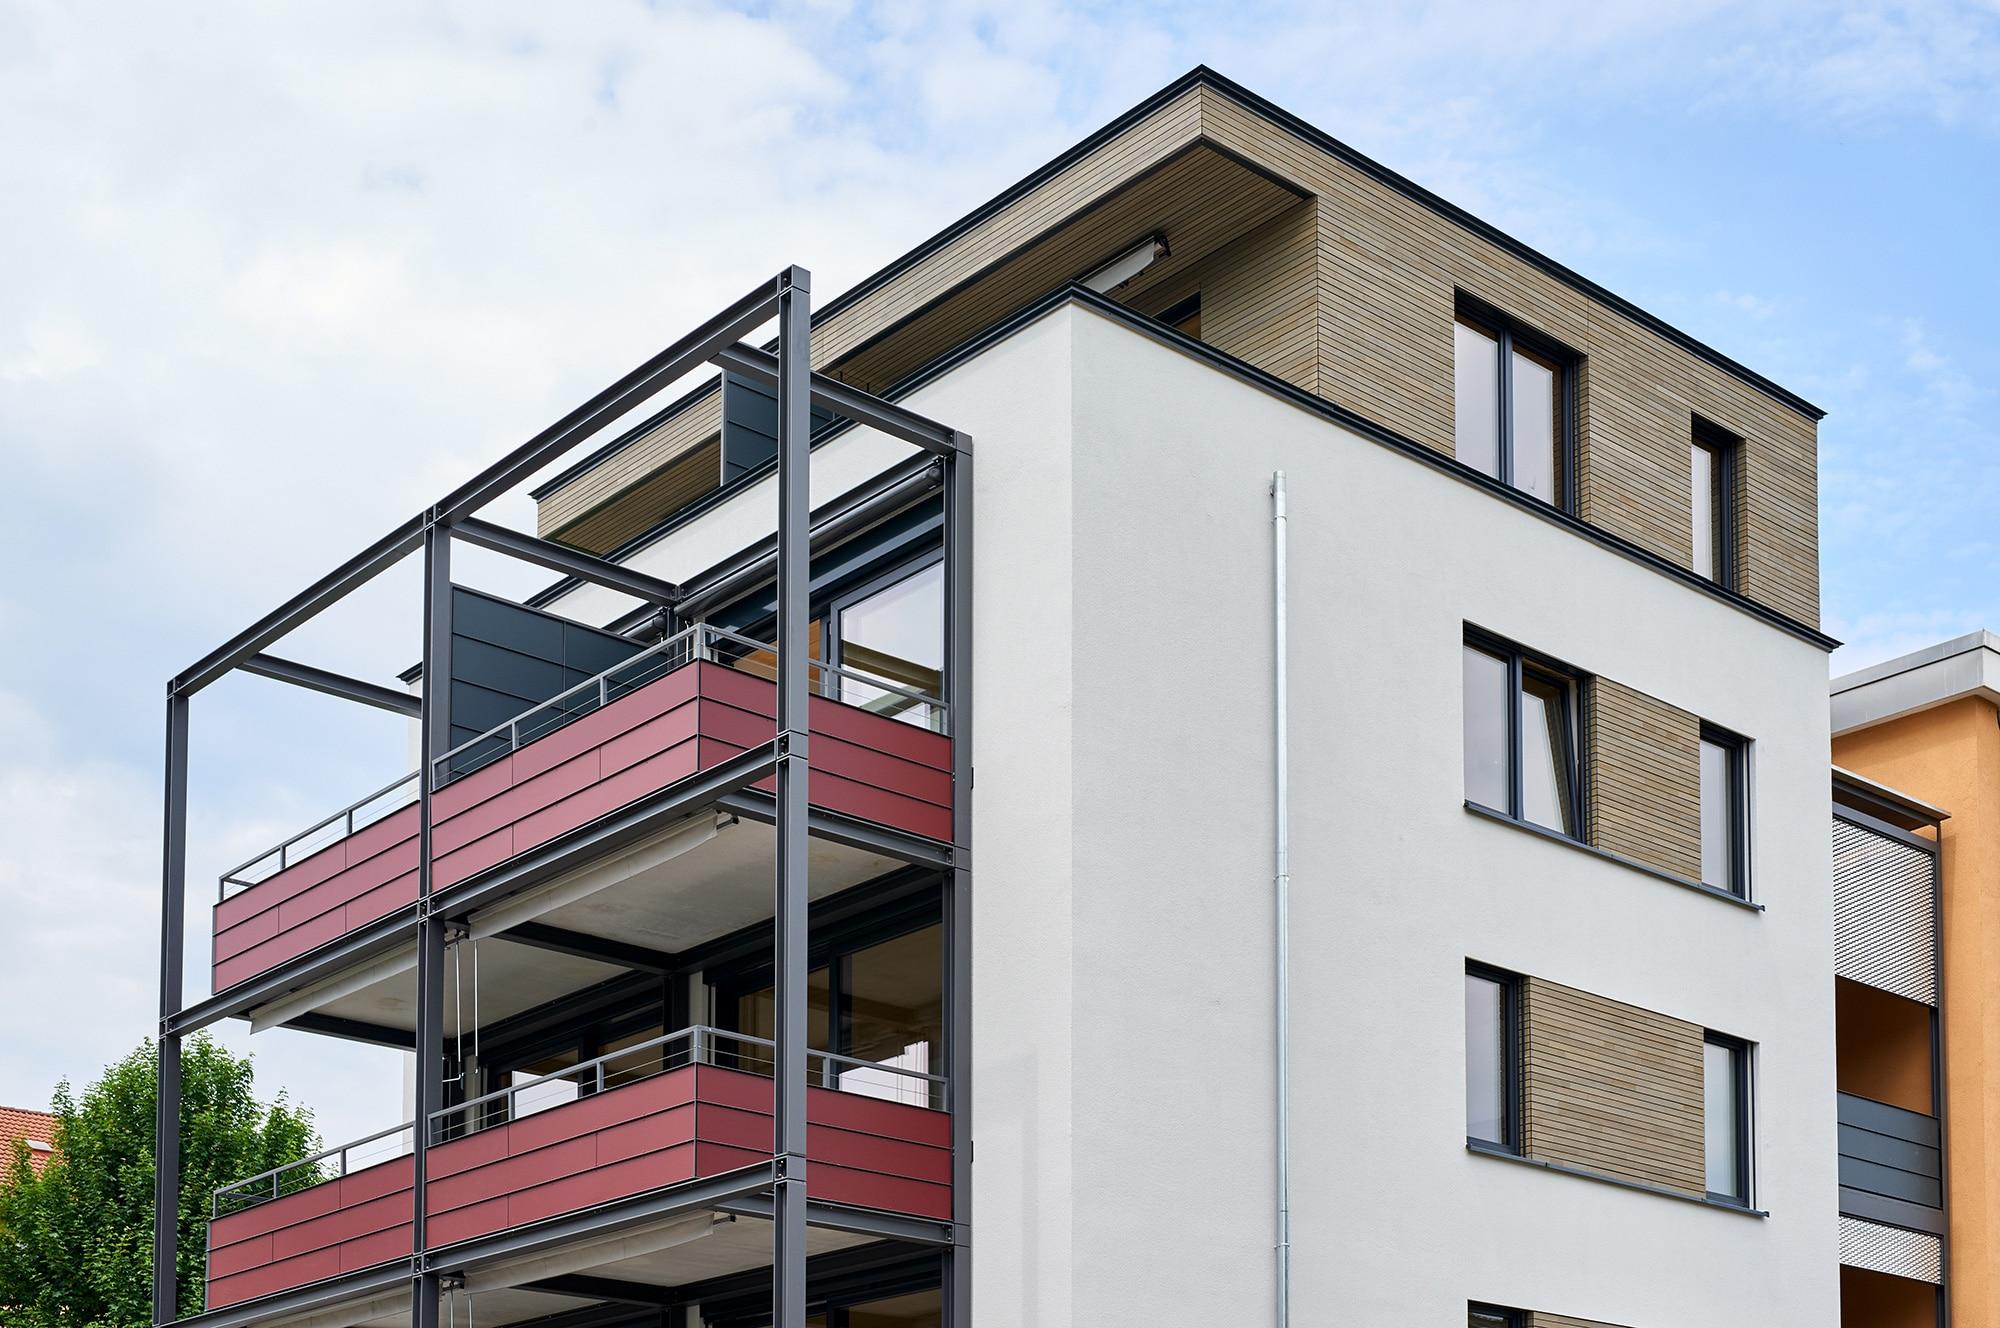 Referenzen Mehrfamilienhaus - Holzbau Bruno Kaiser